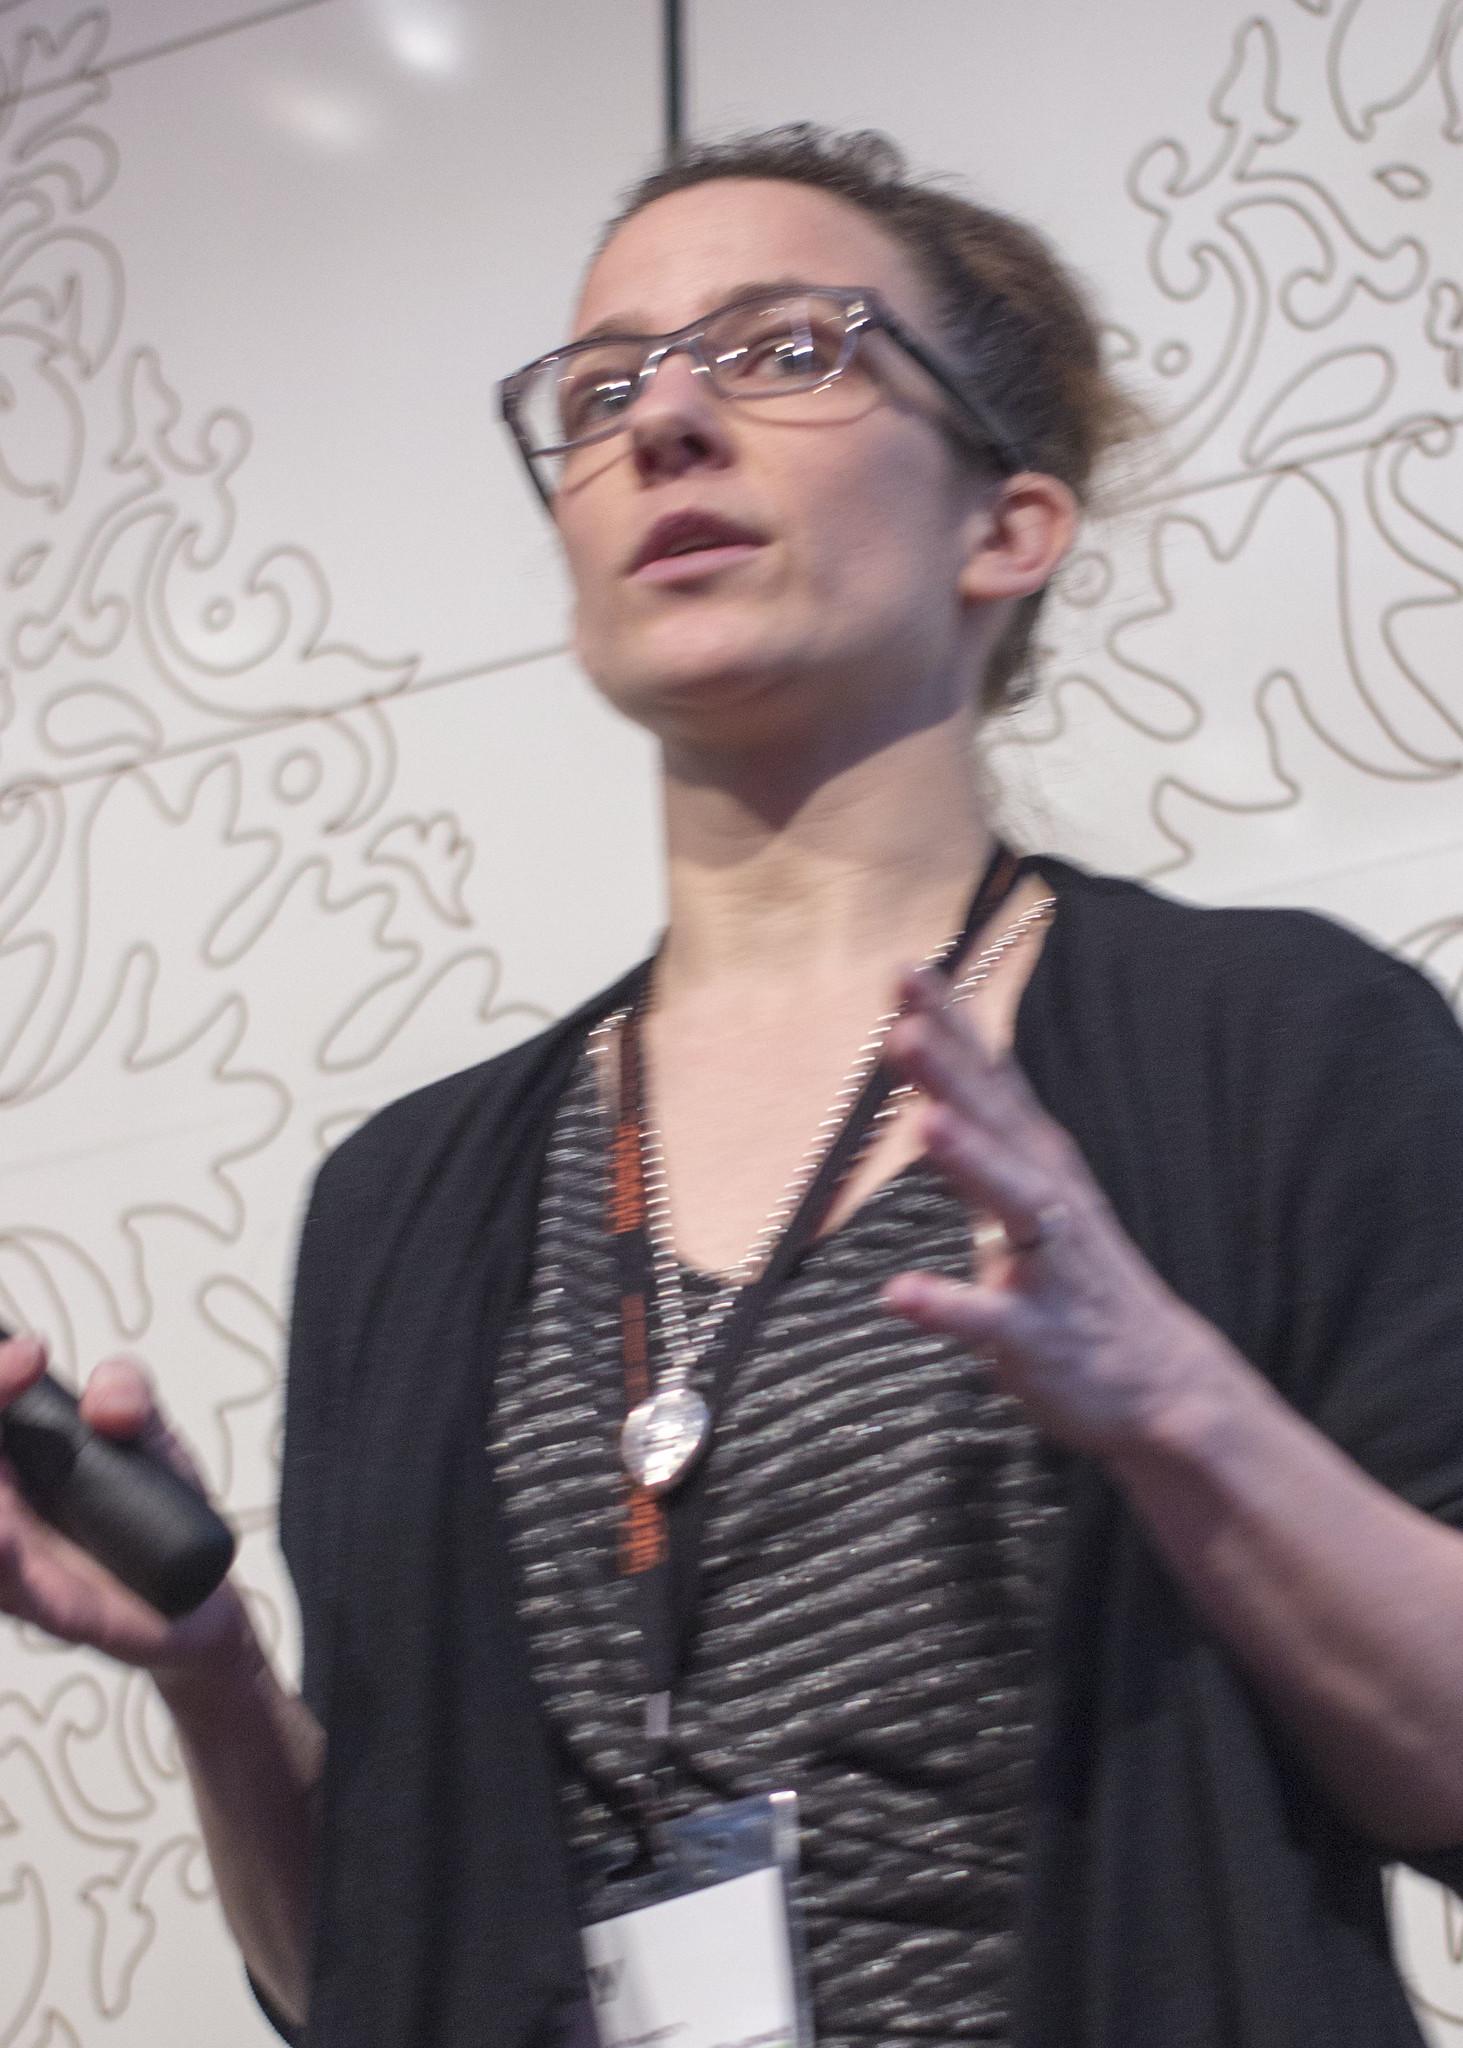 Penny Hagen